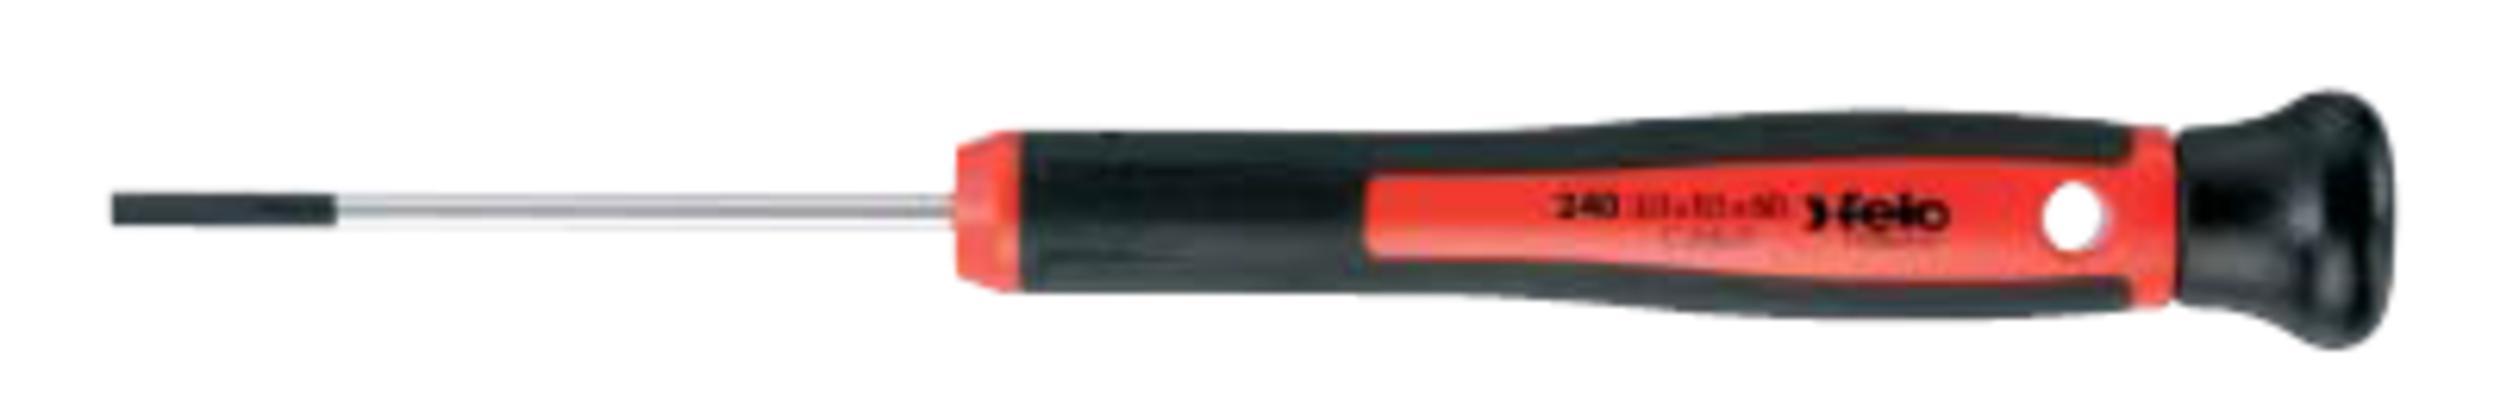 Ruuvitaltta 3,5 mm, tarkkuusruuvitaltta - Felo